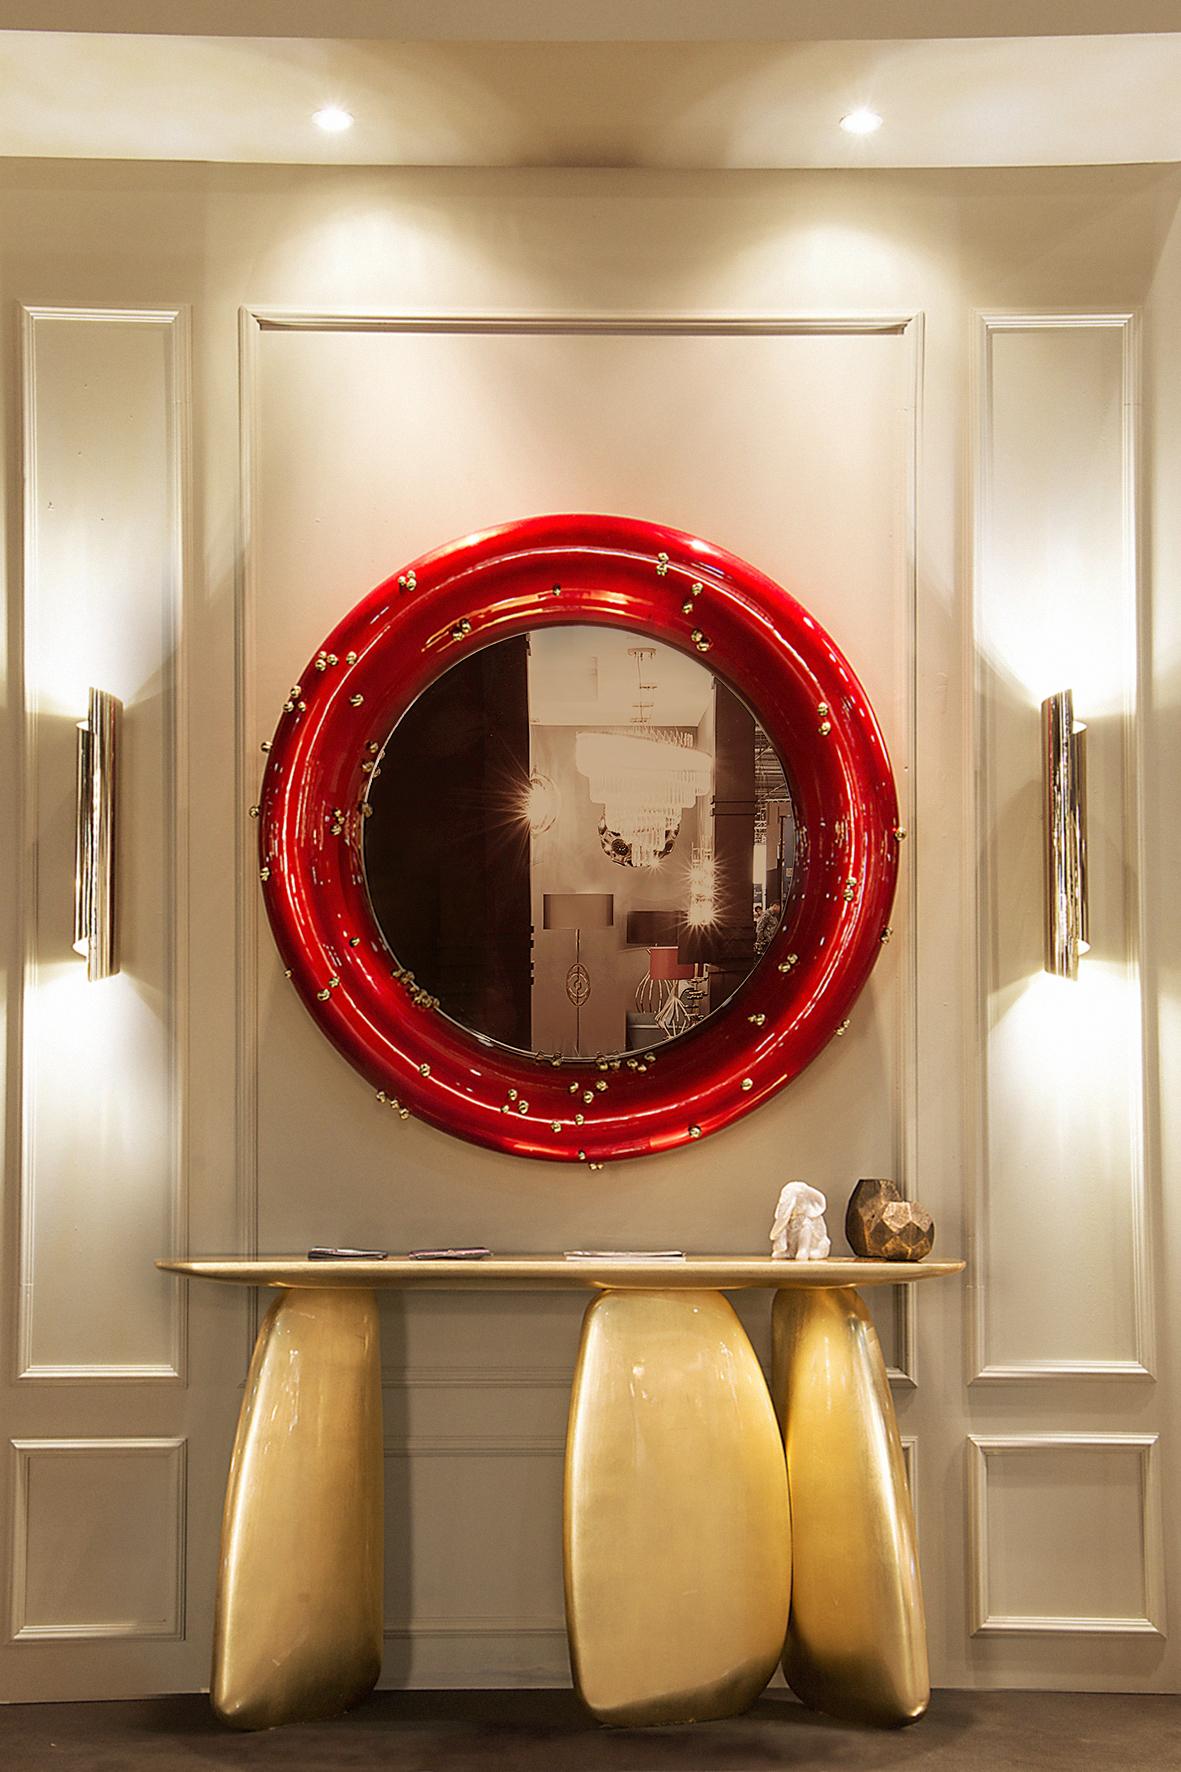 ЗеркалоBelize ЗеркалоBelize Морские мотивы: ЗеркалоBelize в Вашем интерьере brabbu maison objet september 2016 9 HR